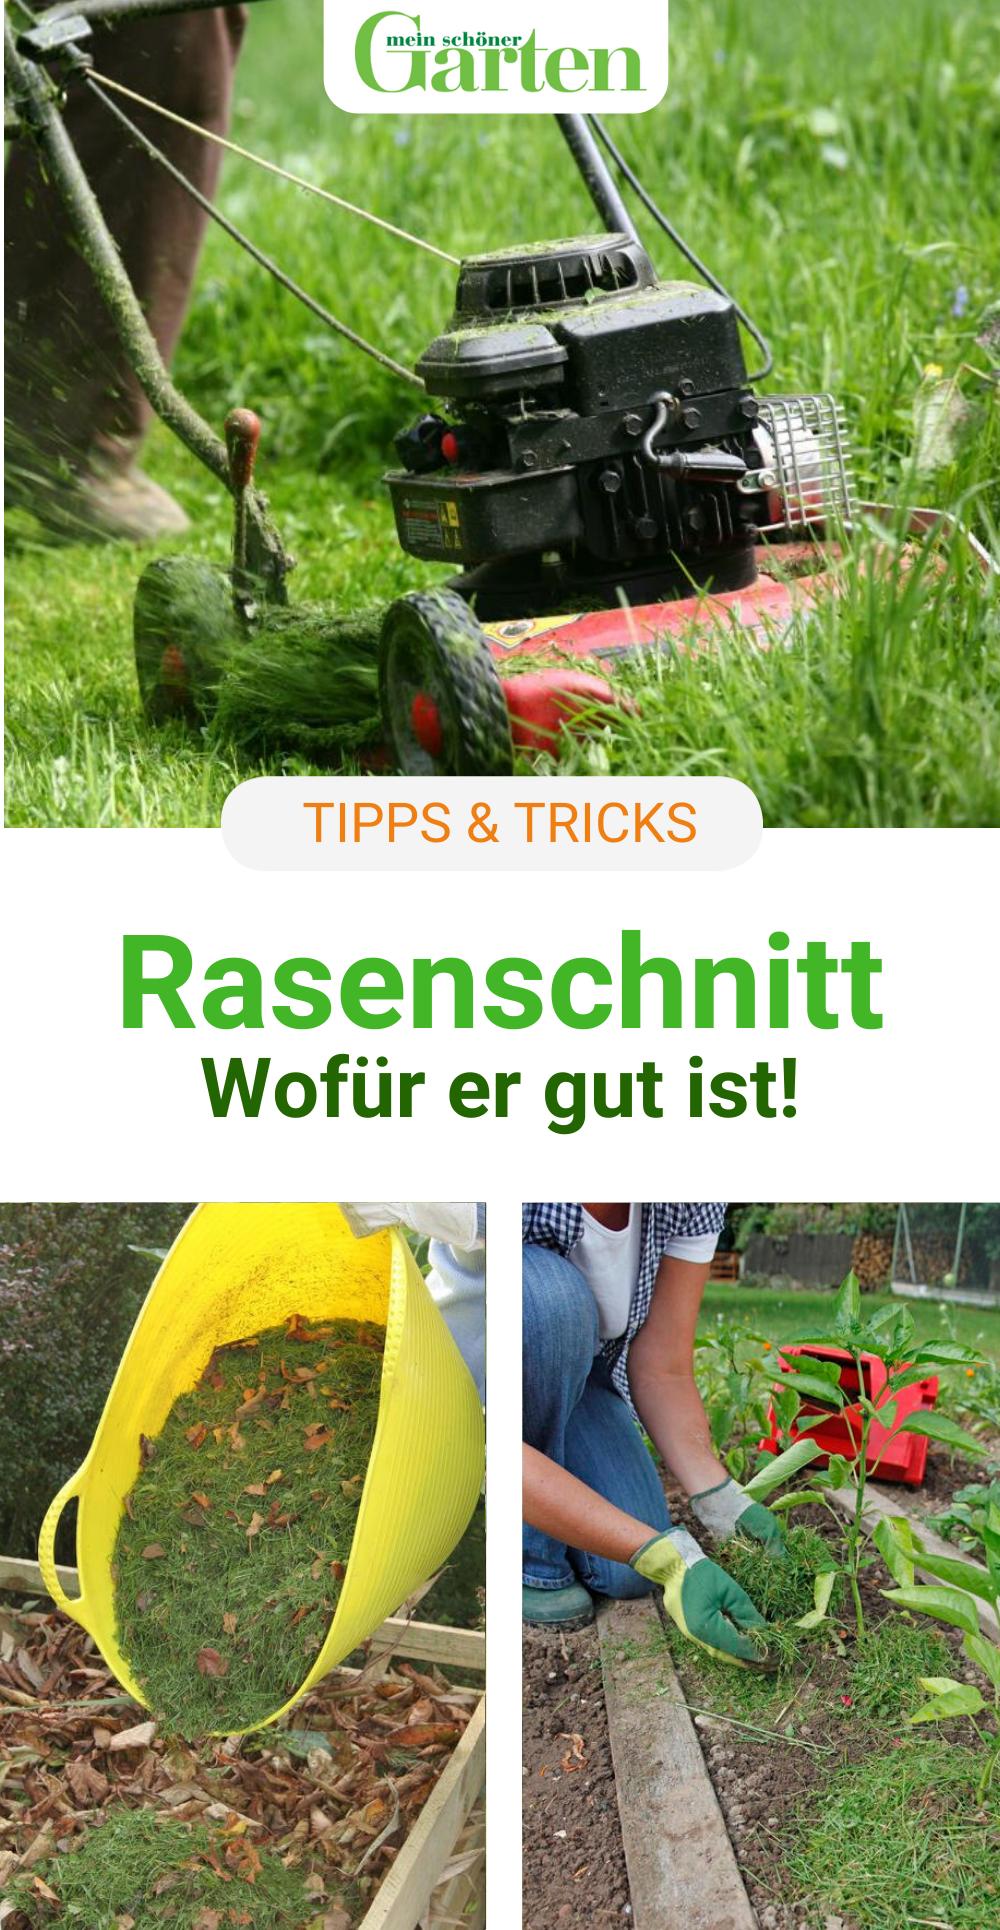 Rasenschnitt Zu Schade Fur Die Biotonne Garten Upcycling Rasen Balkongarten